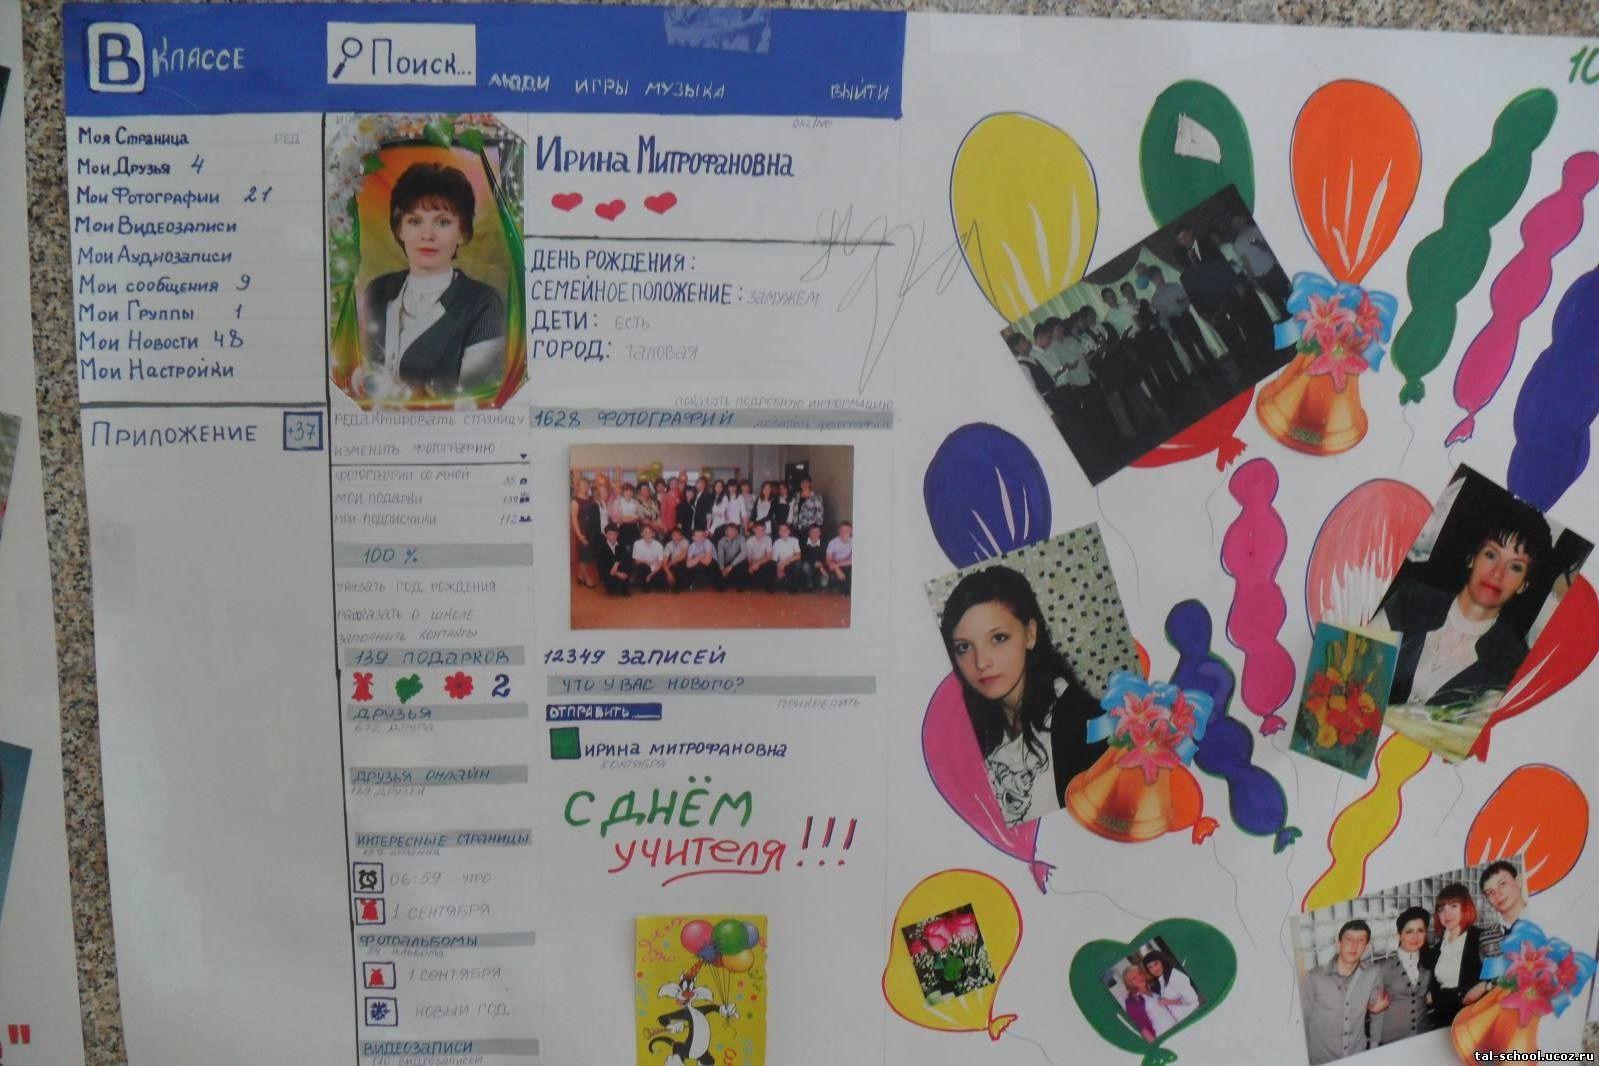 заметить, плакат с поздравлением на день рождения учительнице чего хотел добиться